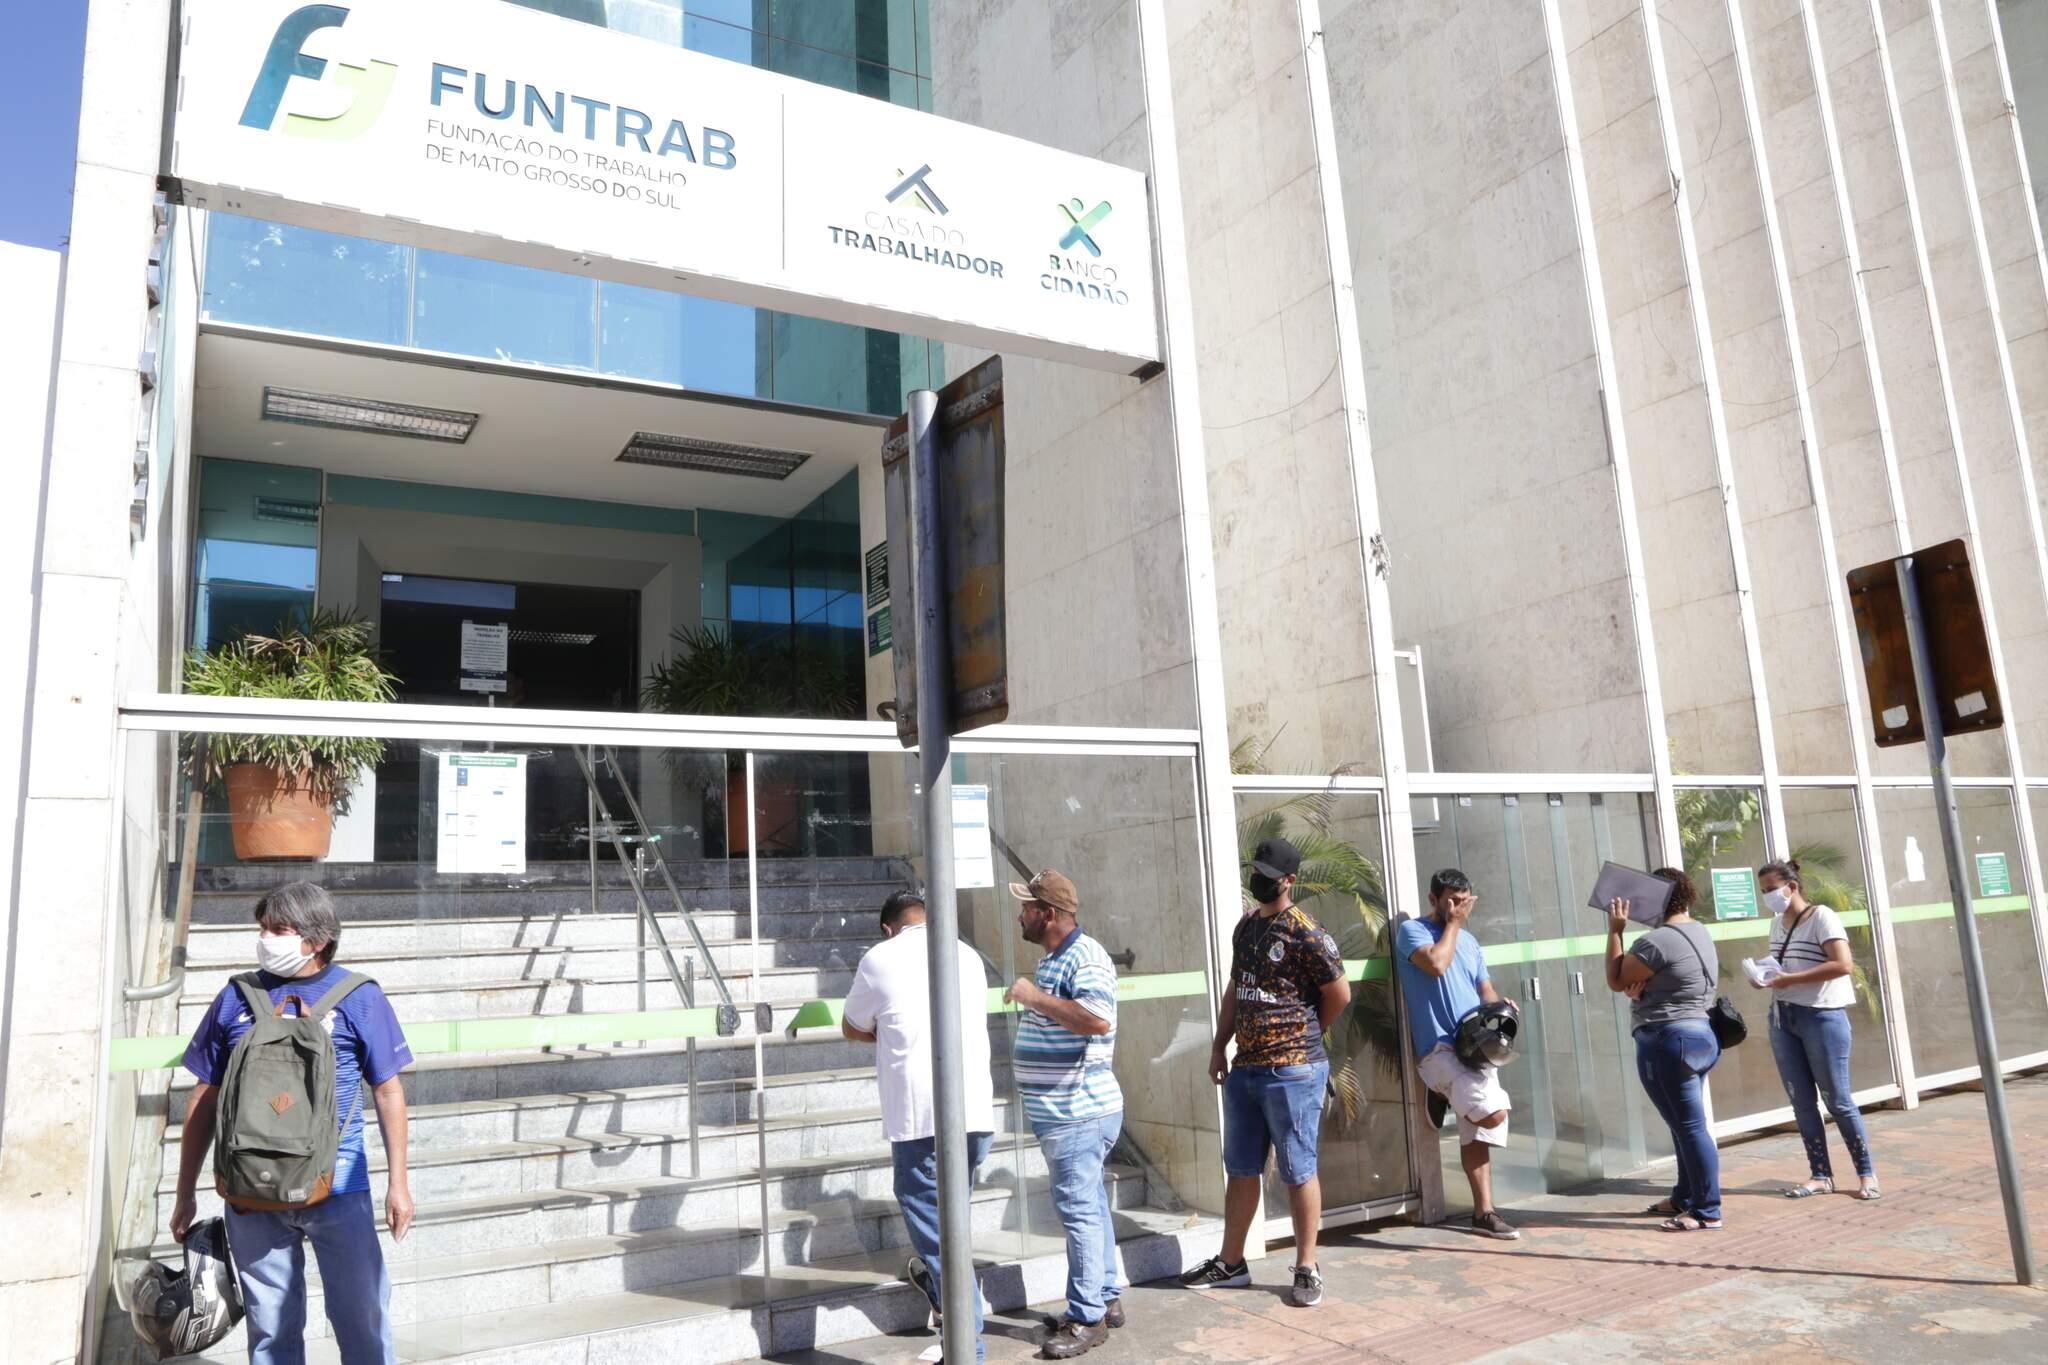 Traalhadores nas primeiras horas do dia aguardam a agência abrir (Foto: arquivo/Campo Grande News)